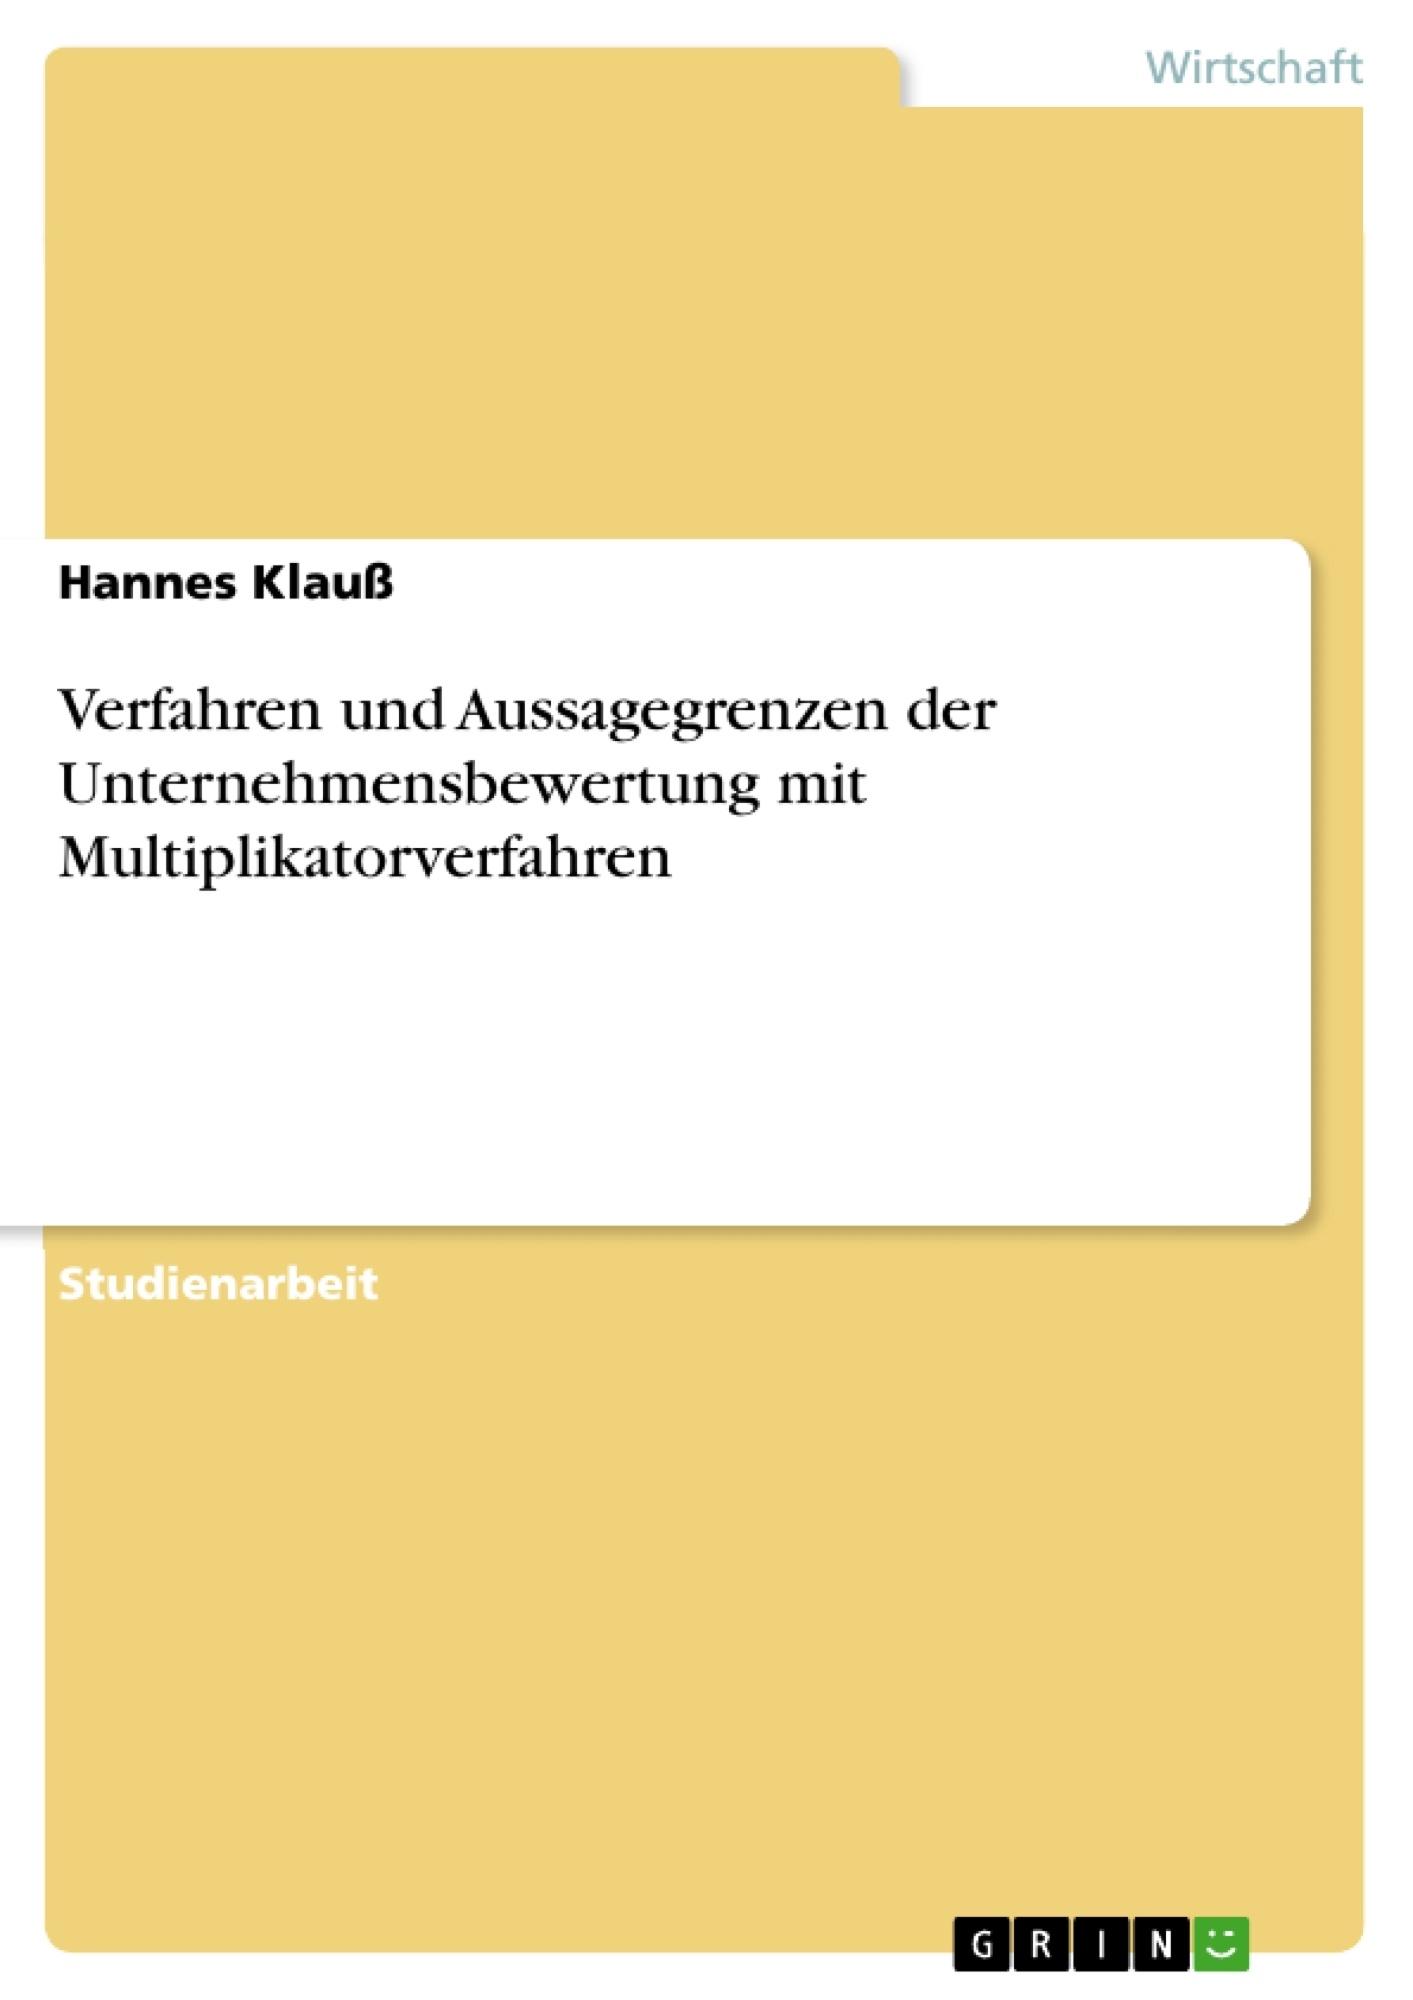 Titel: Verfahren und Aussagegrenzen der Unternehmensbewertung mit Multiplikatorverfahren